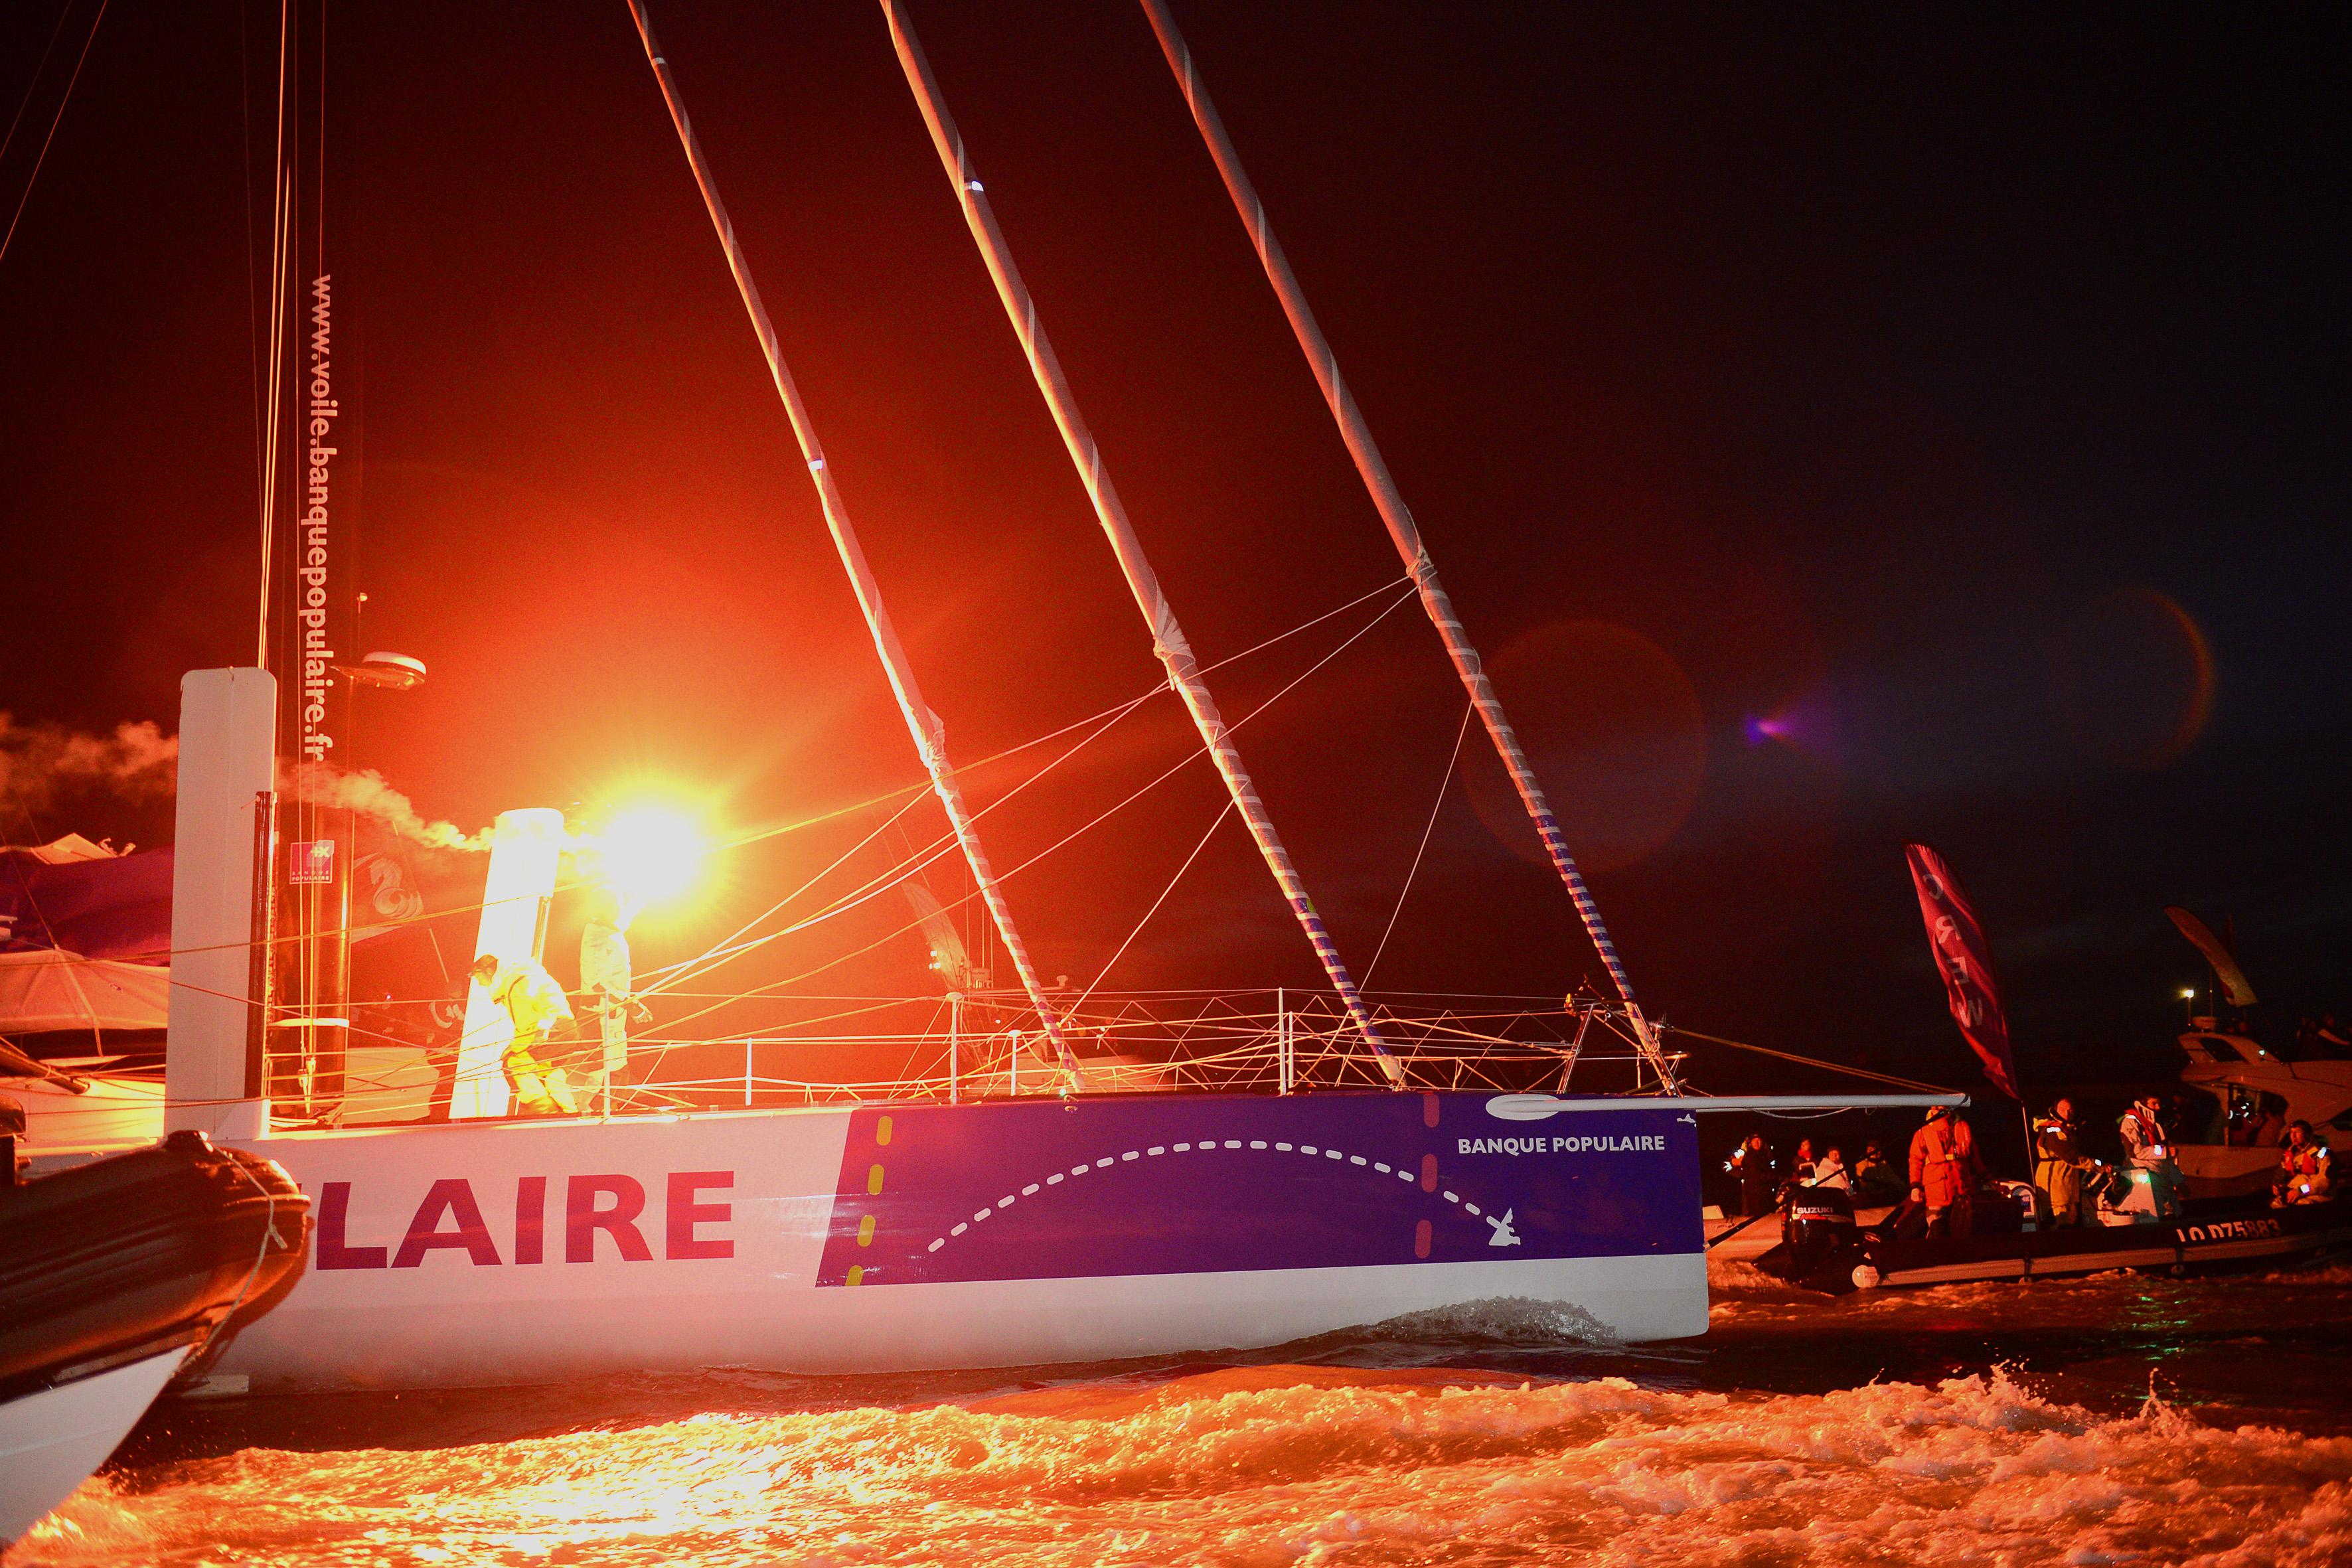 Vendée Globe 2012 - Arrivée Banque Populaire / BPCE